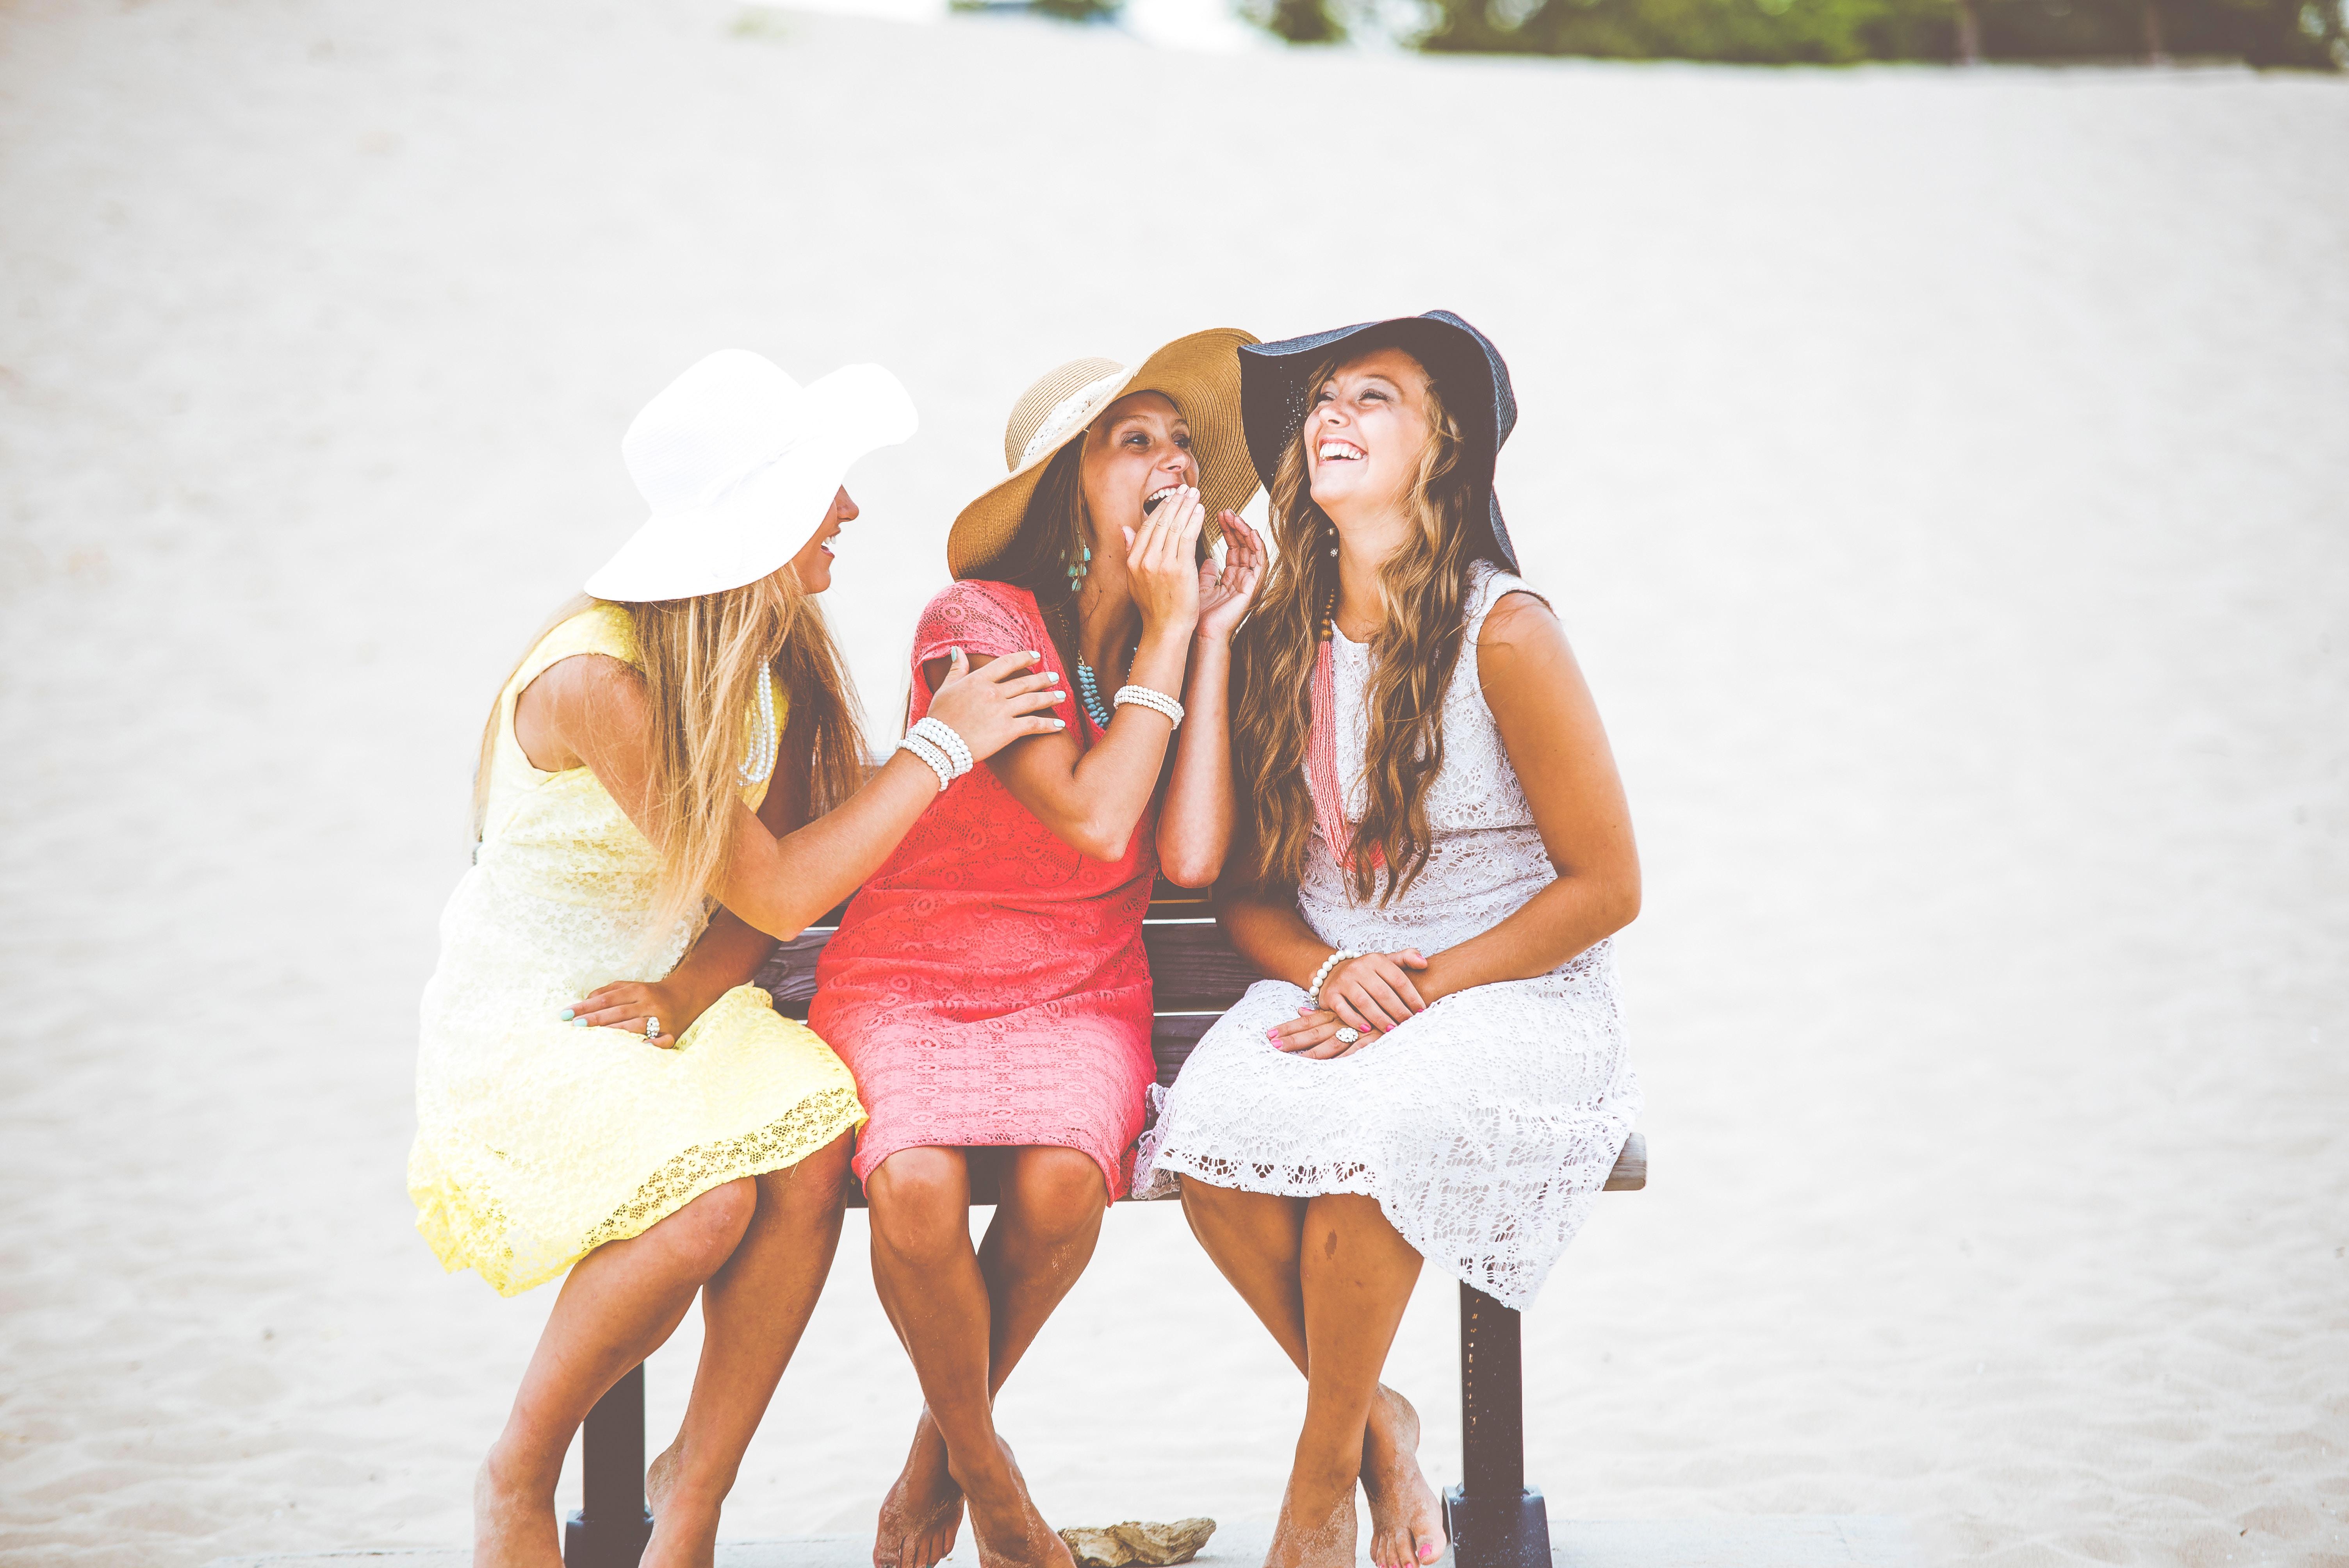 Rire, un remède naturel pour être en bonne santé